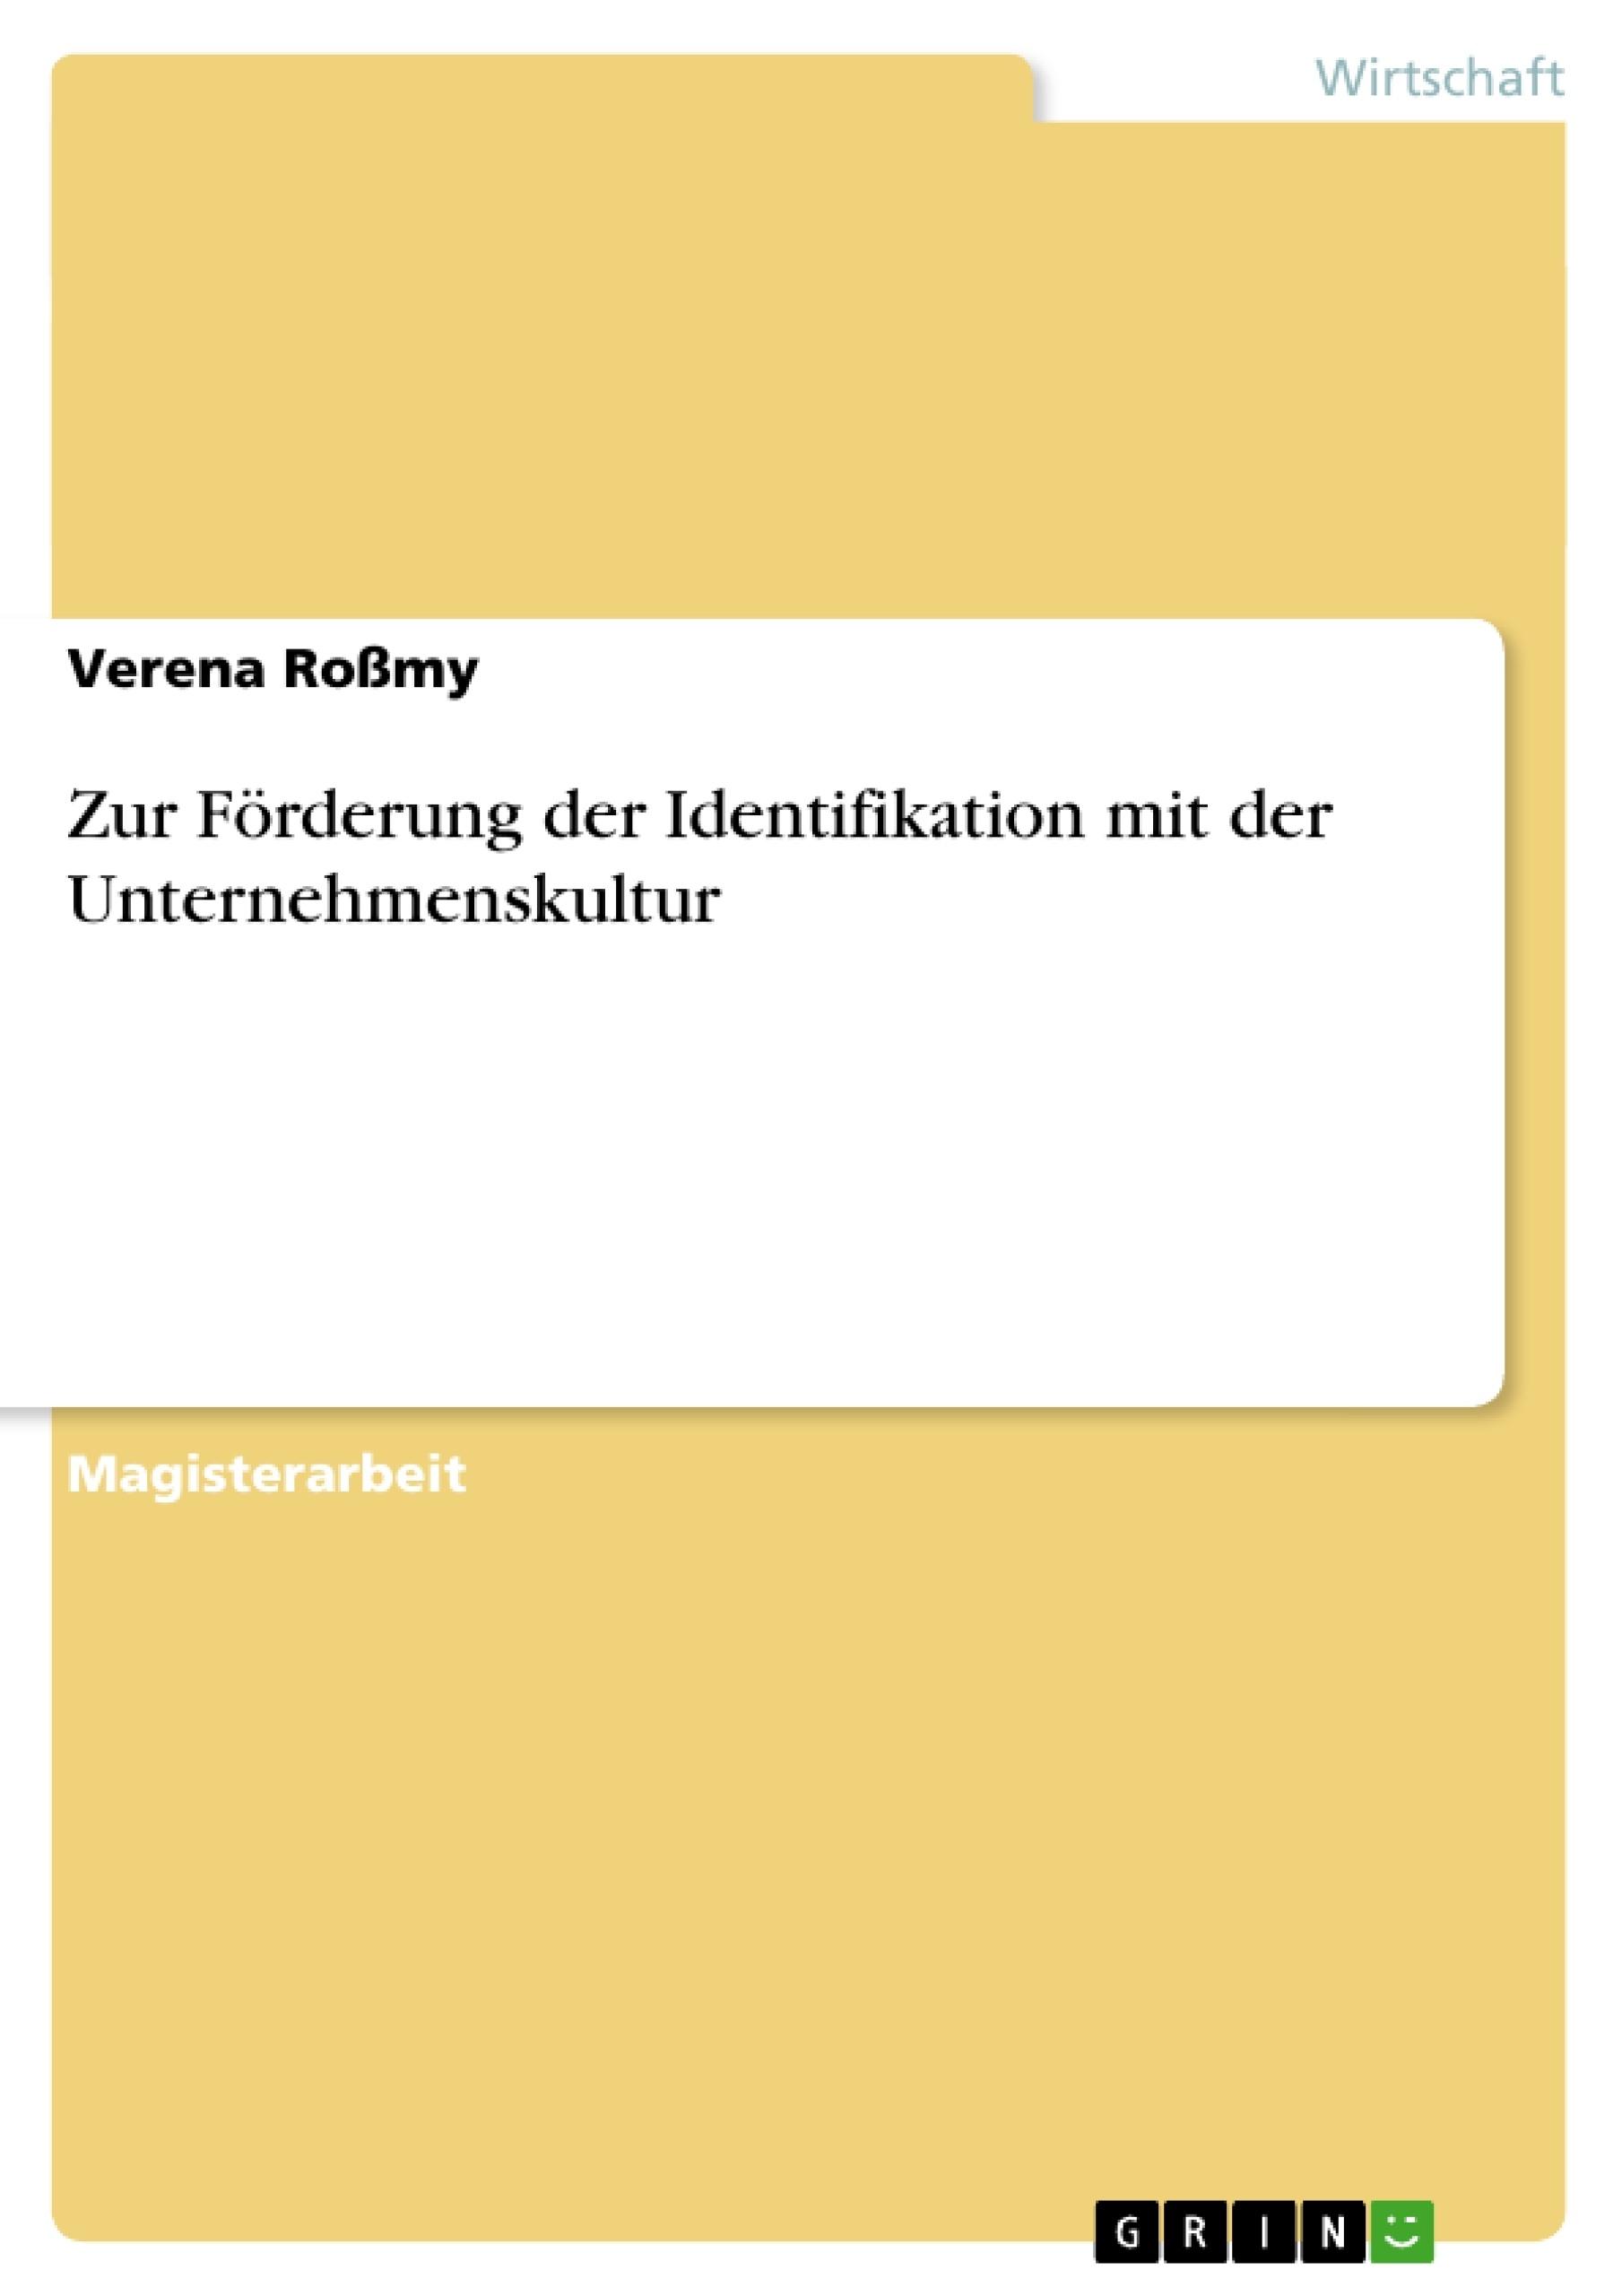 Titel: Zur Förderung der Identifikation mit der Unternehmenskultur